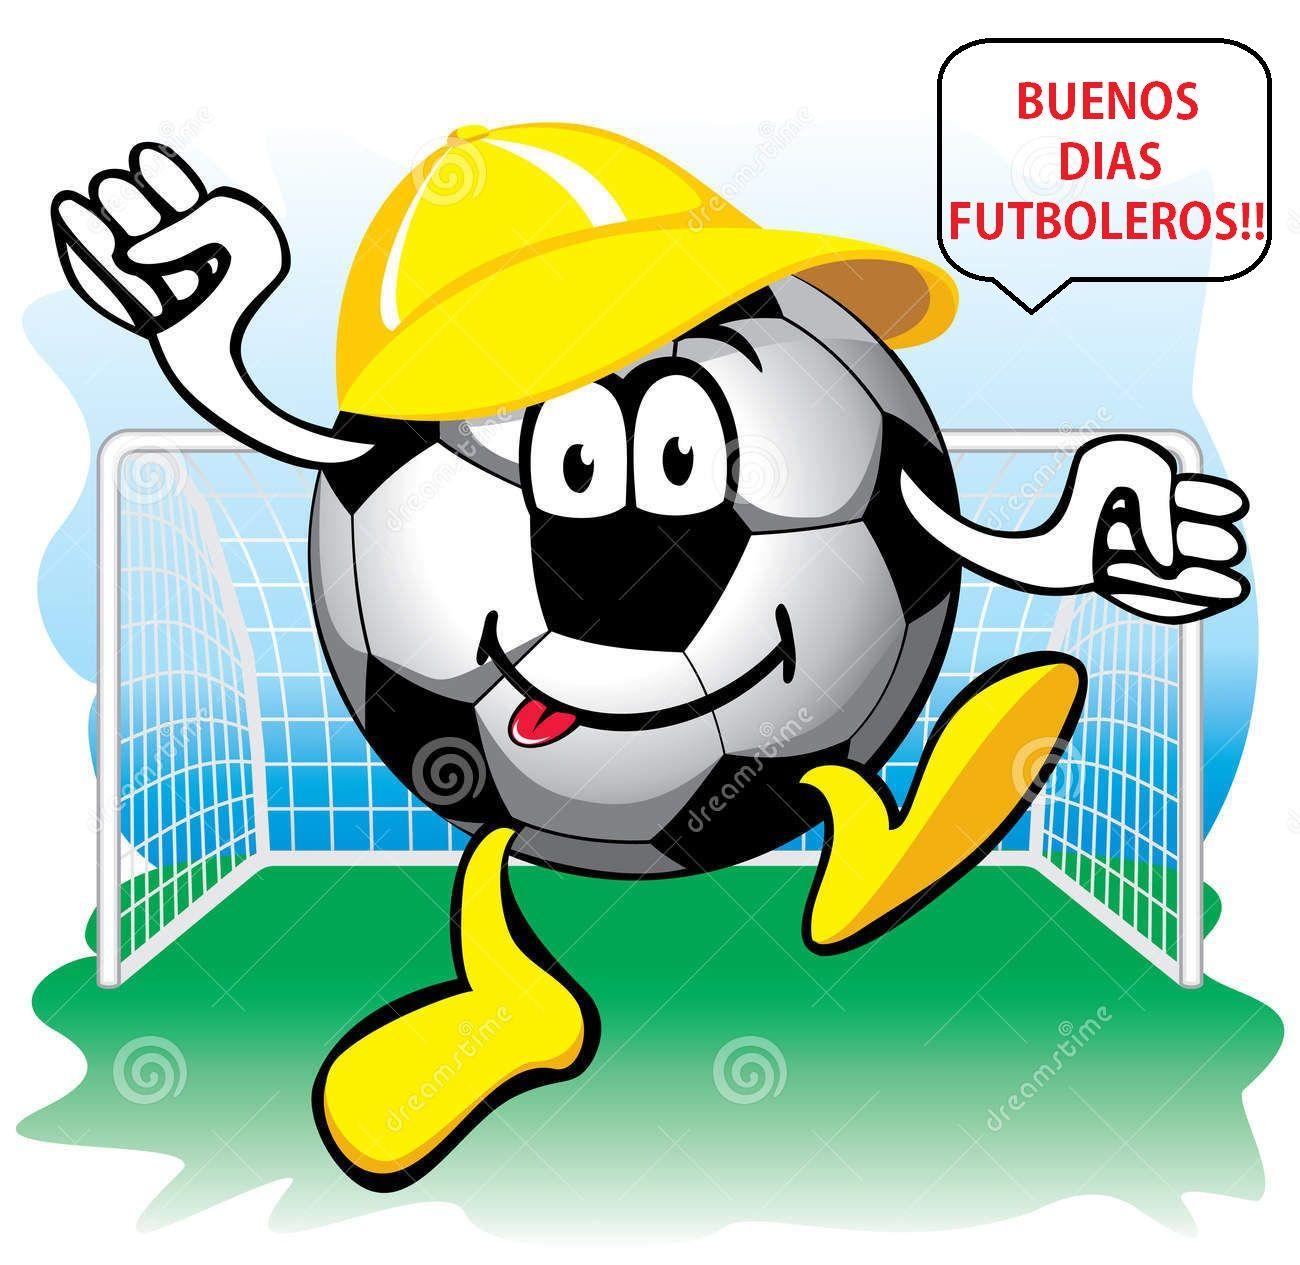 Buenos Dia Futboler S Ya Podeis Equiparos Para El Deporte Rey En Mi Tienda Online De Futbol Favorita Www Deportesmena Tienda De Futbol Futbol Futbol Online